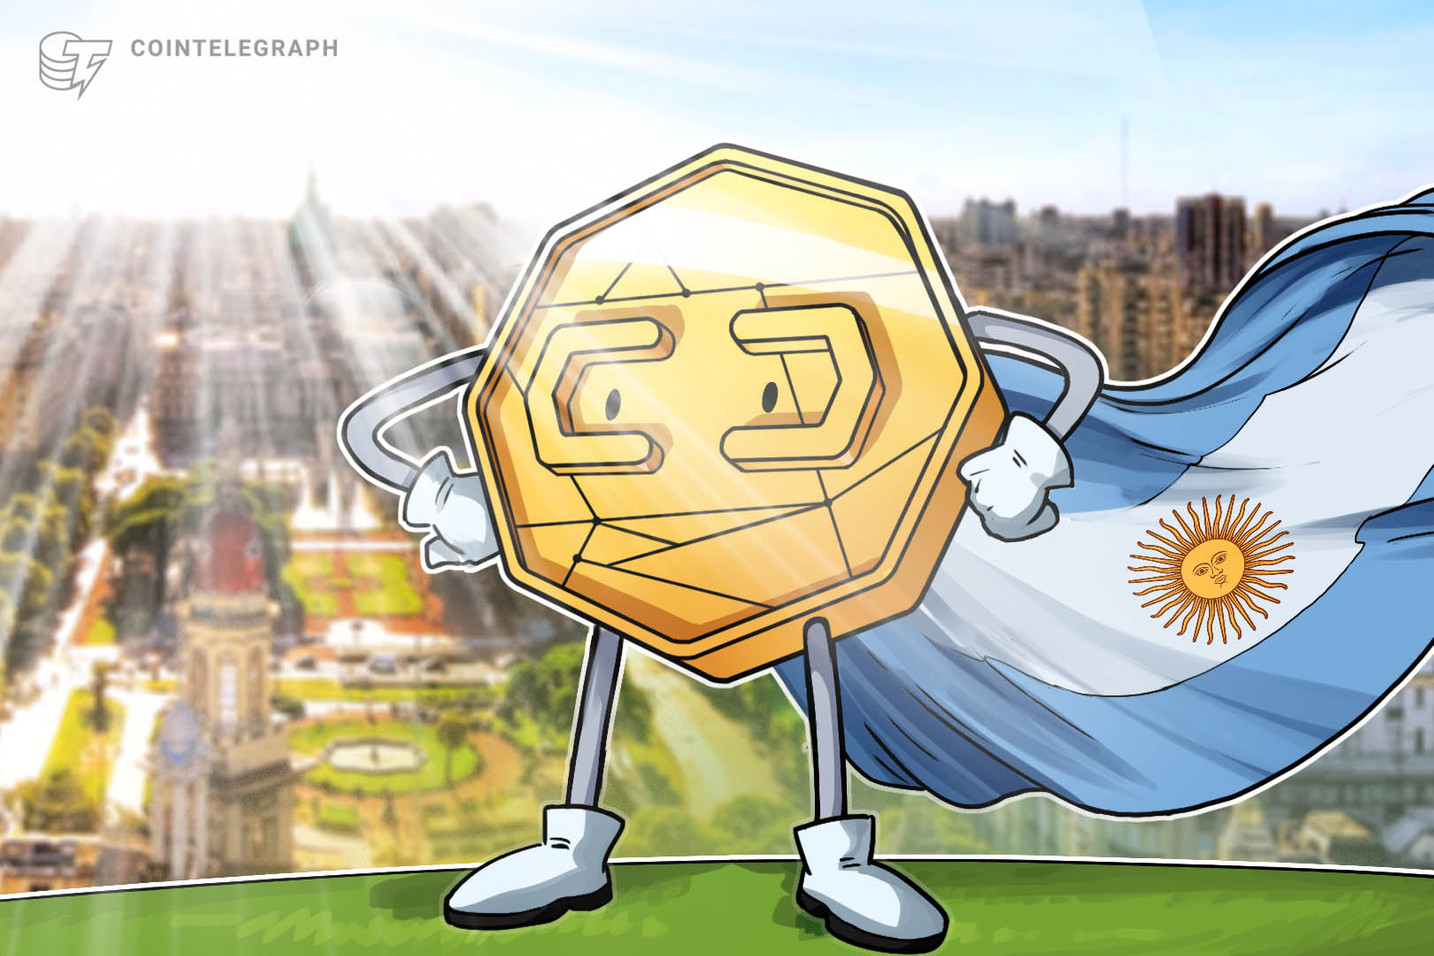 アルゼンチン大統領、ビットコインとCBDCに前向きな姿勢 | 中央銀行は反対